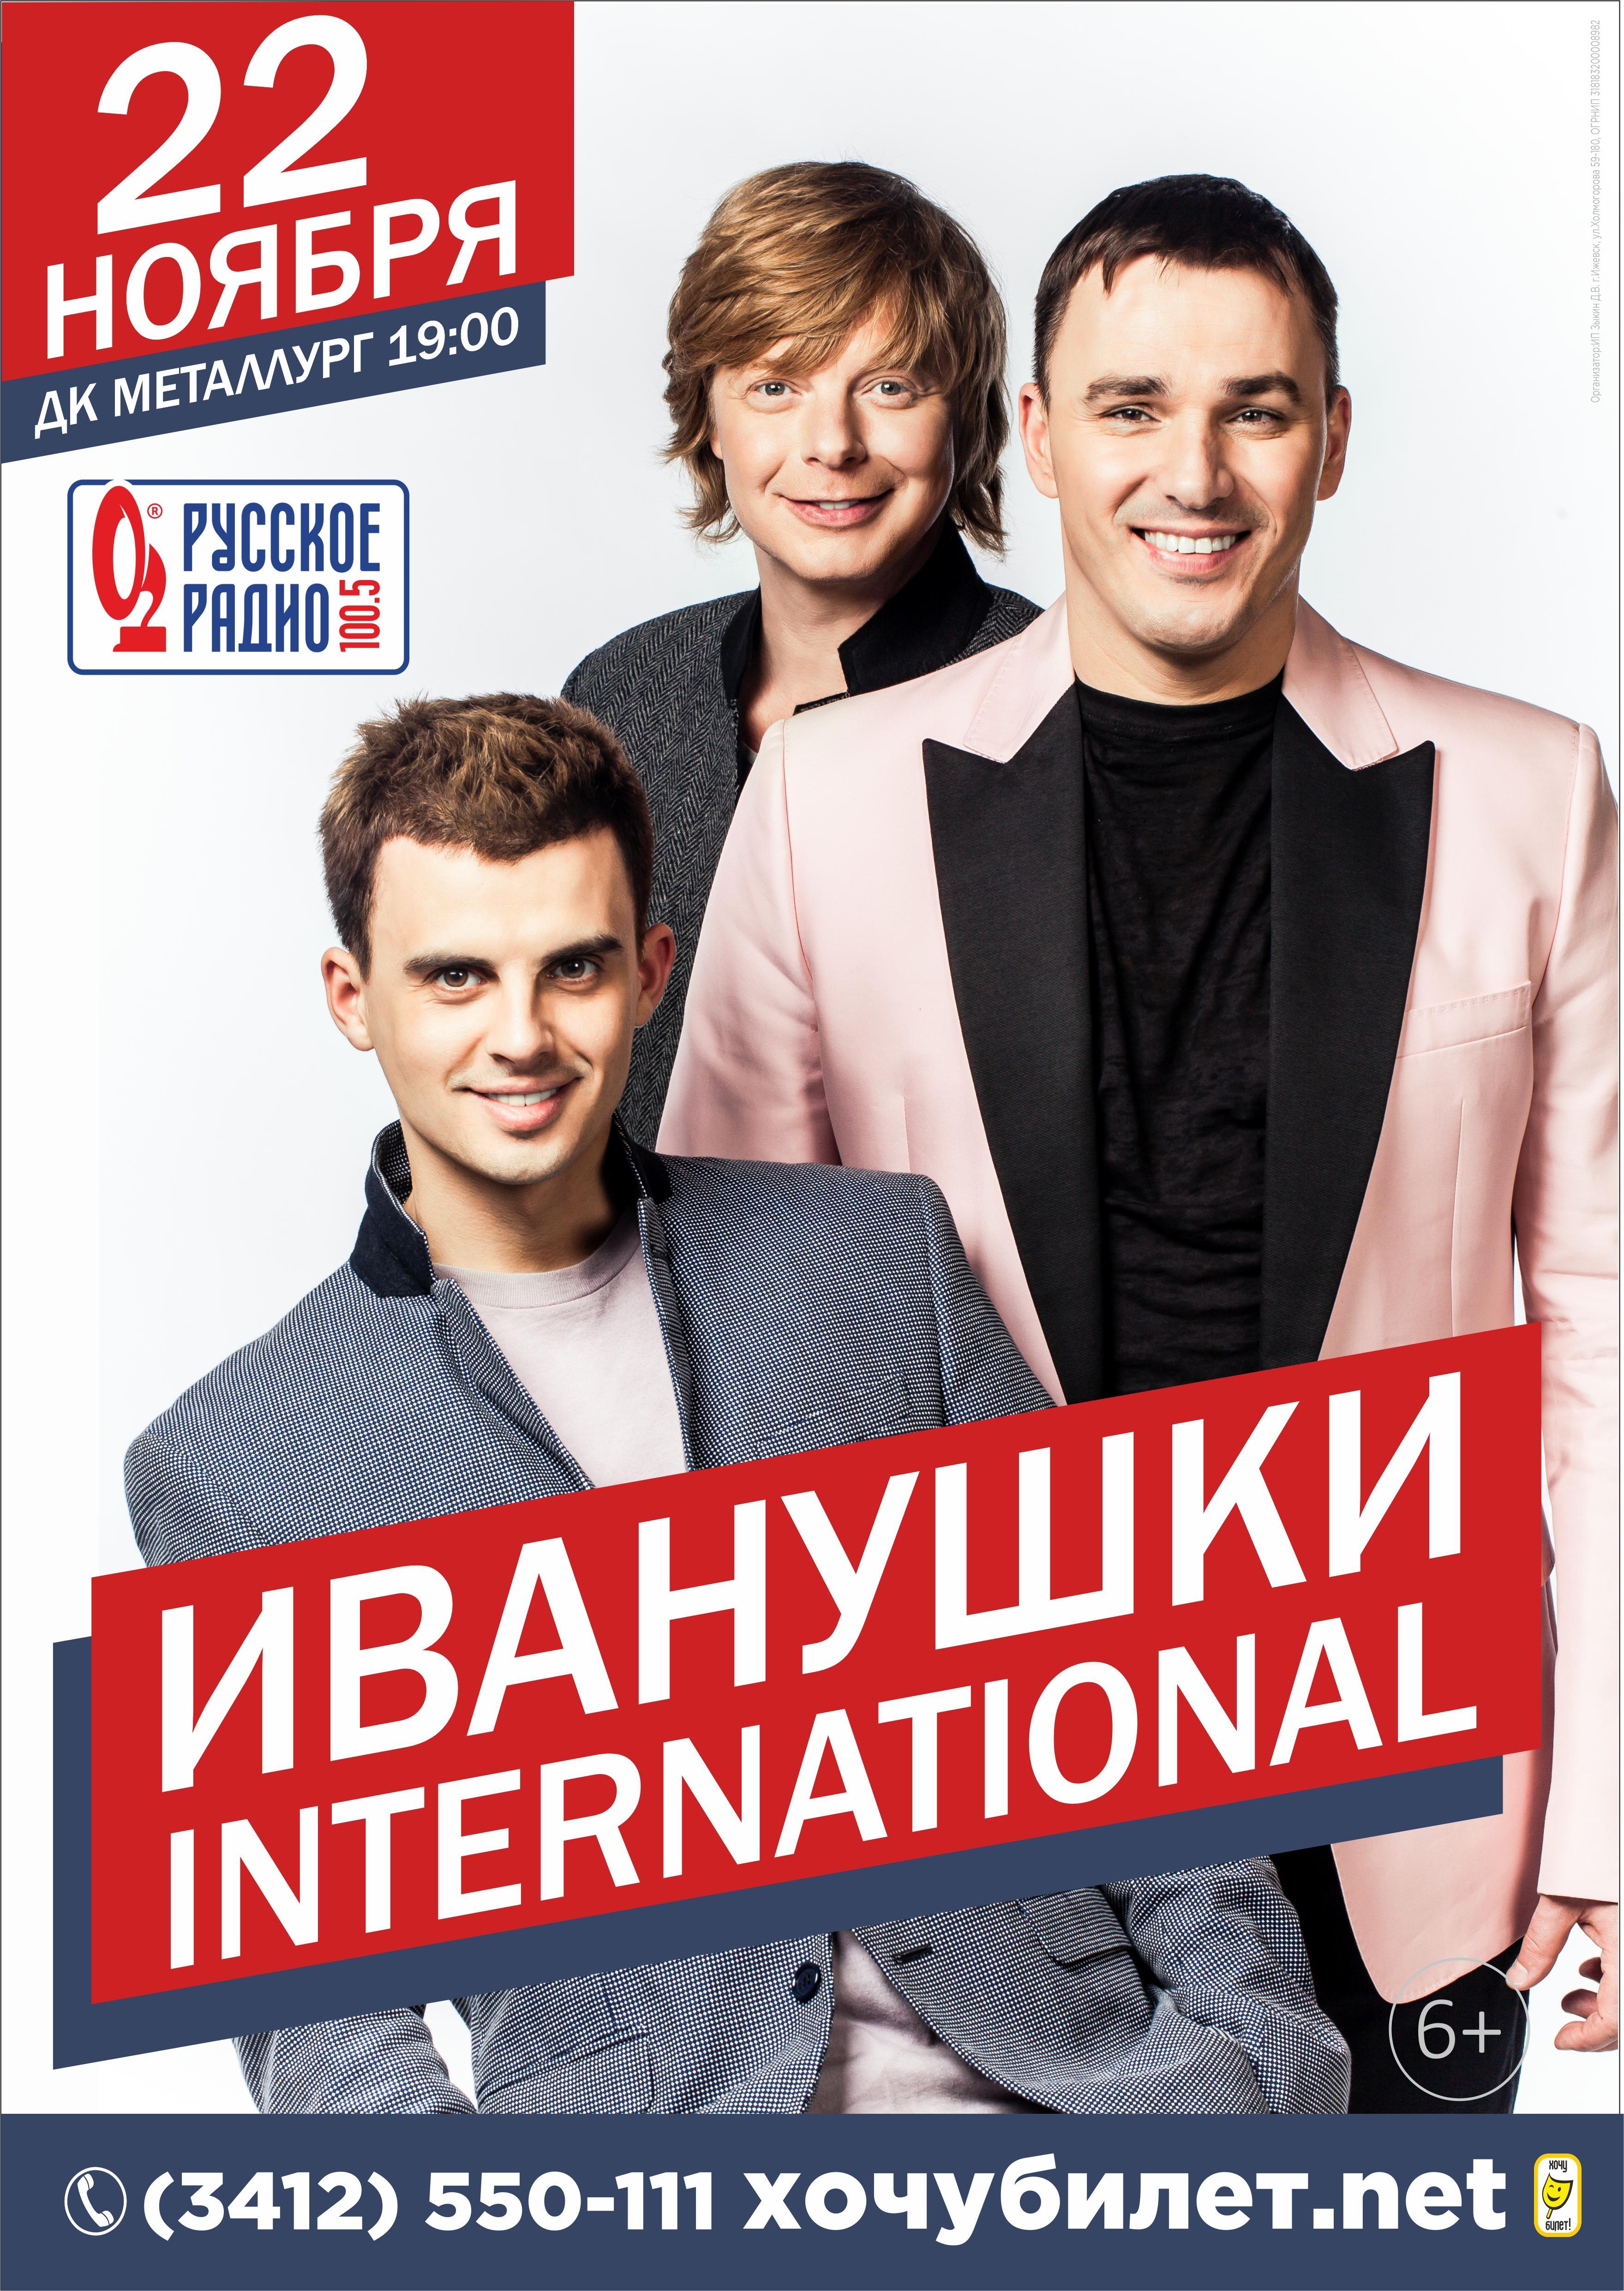 Билет в кино иванушки international год драм театр киев афиша